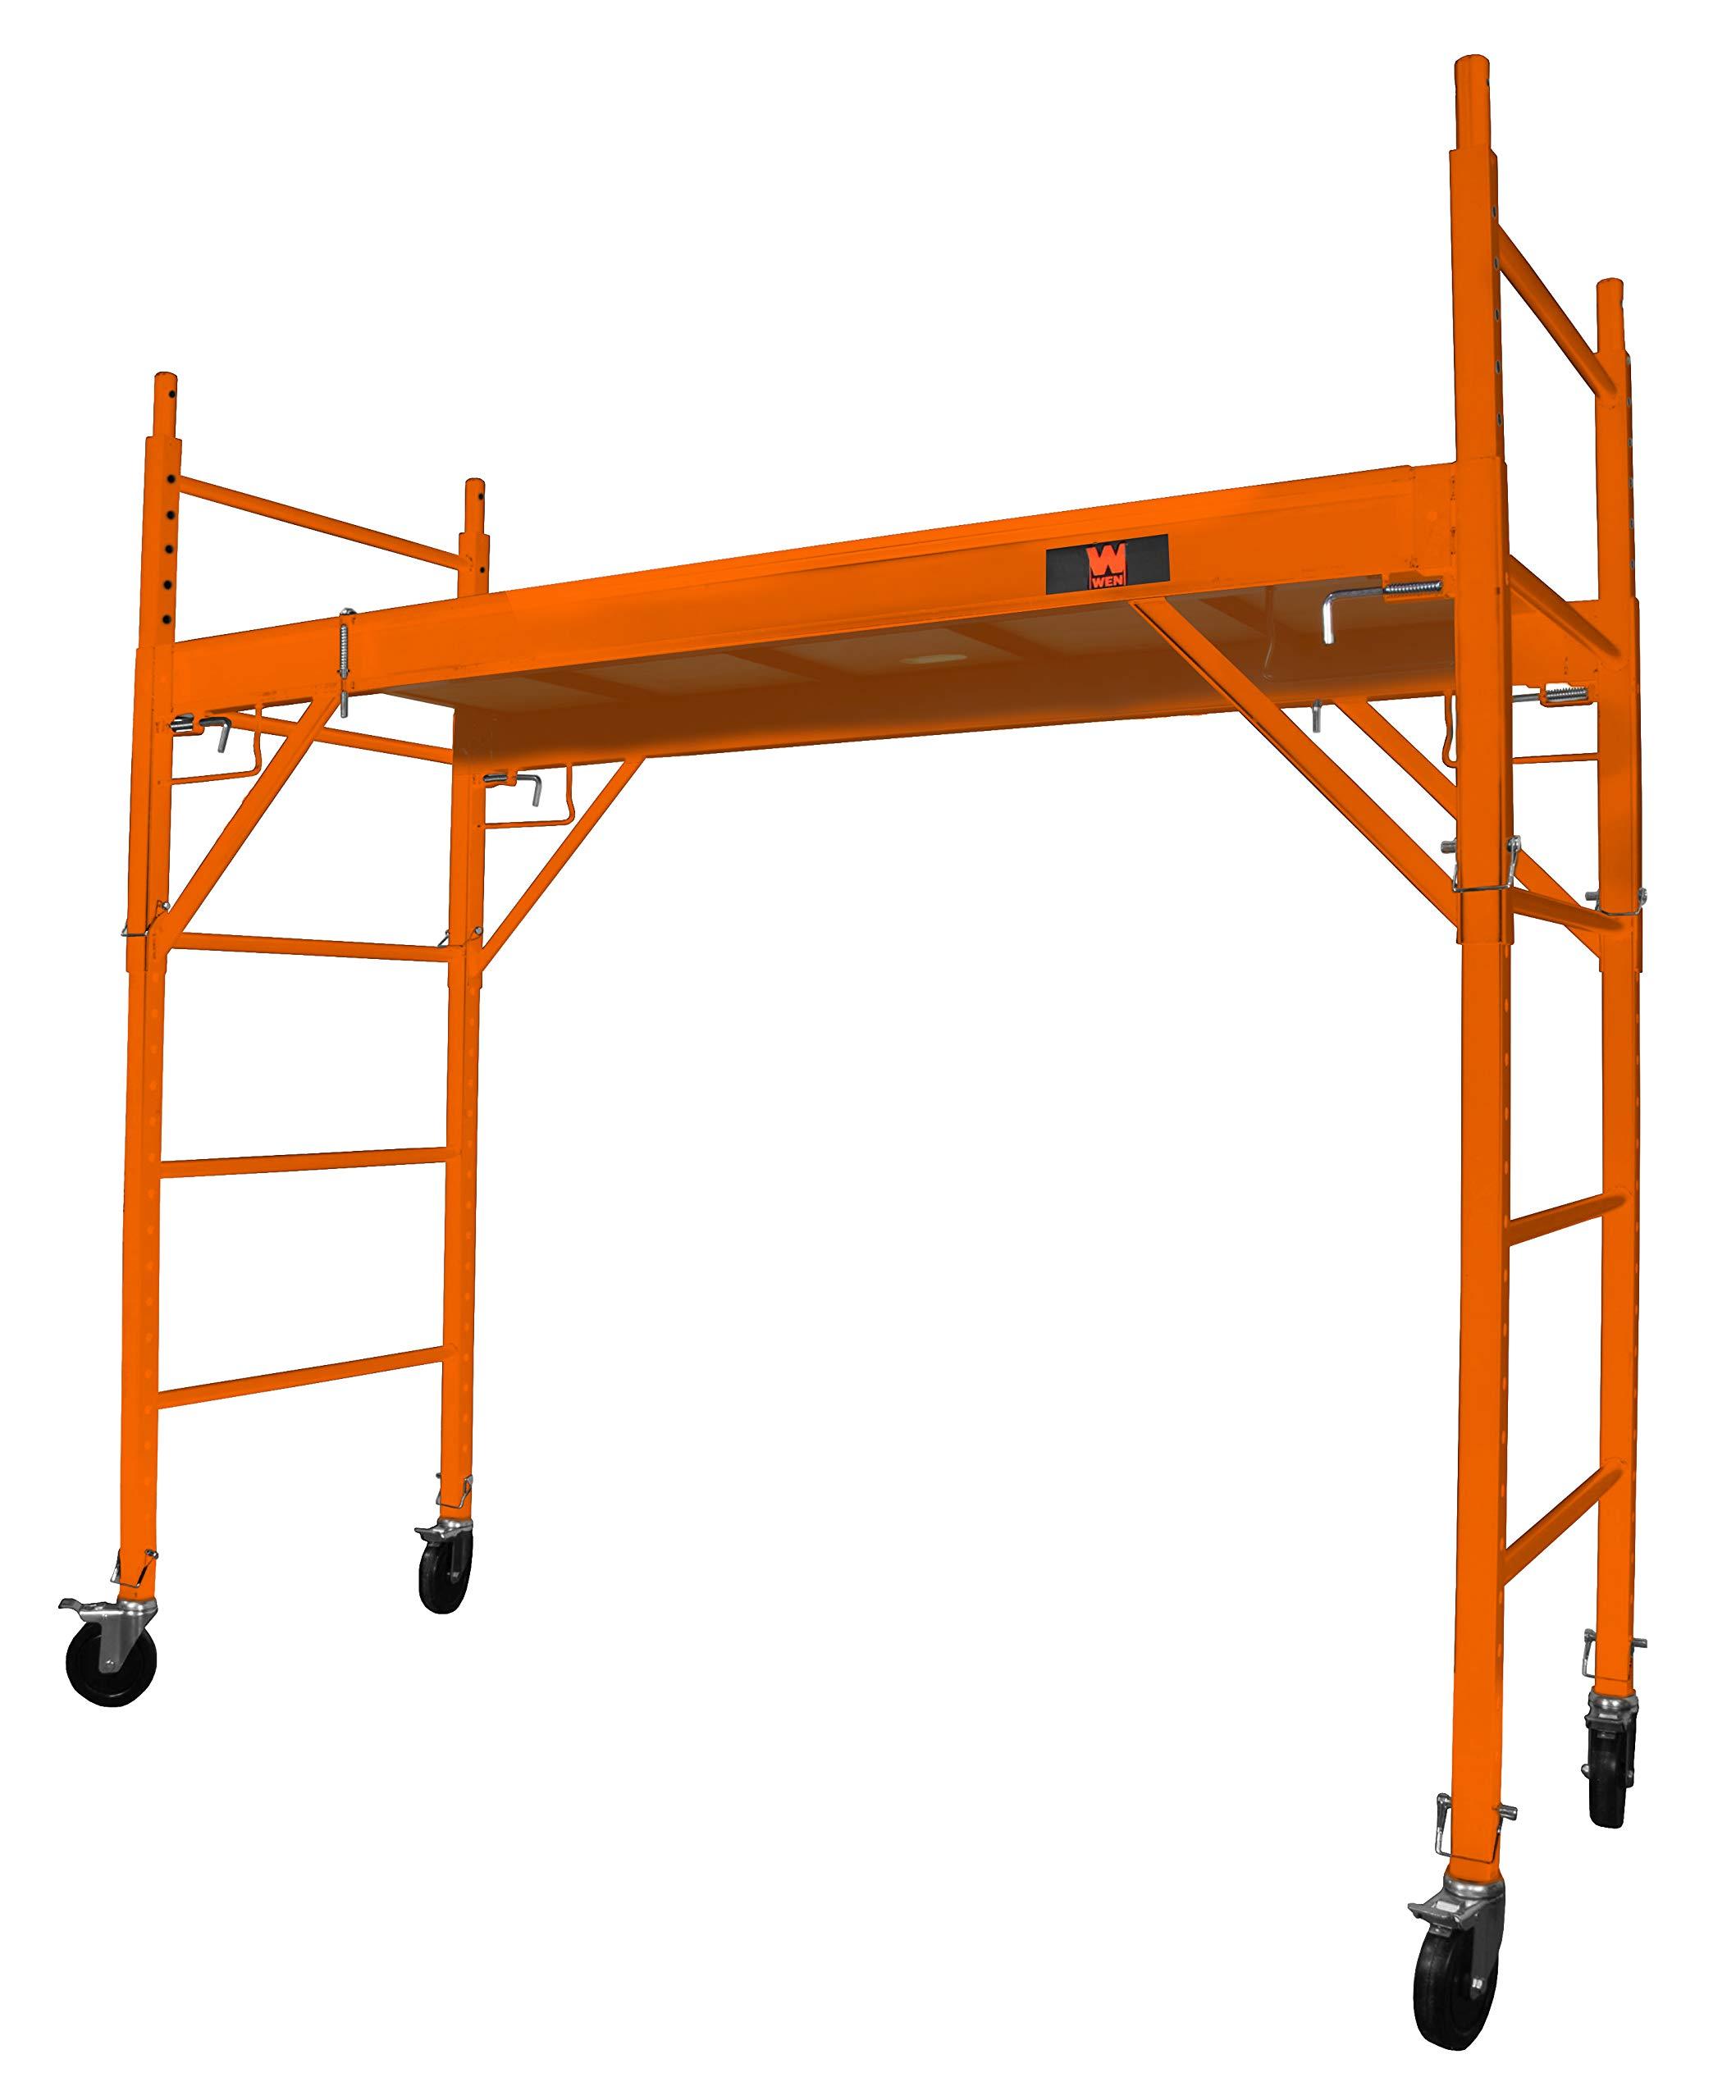 WEN 31110 Baker-Style 6.25 ft. Multi-Purpose 1000-Pound-Capacity Rolling Steel Scaffolding by WEN